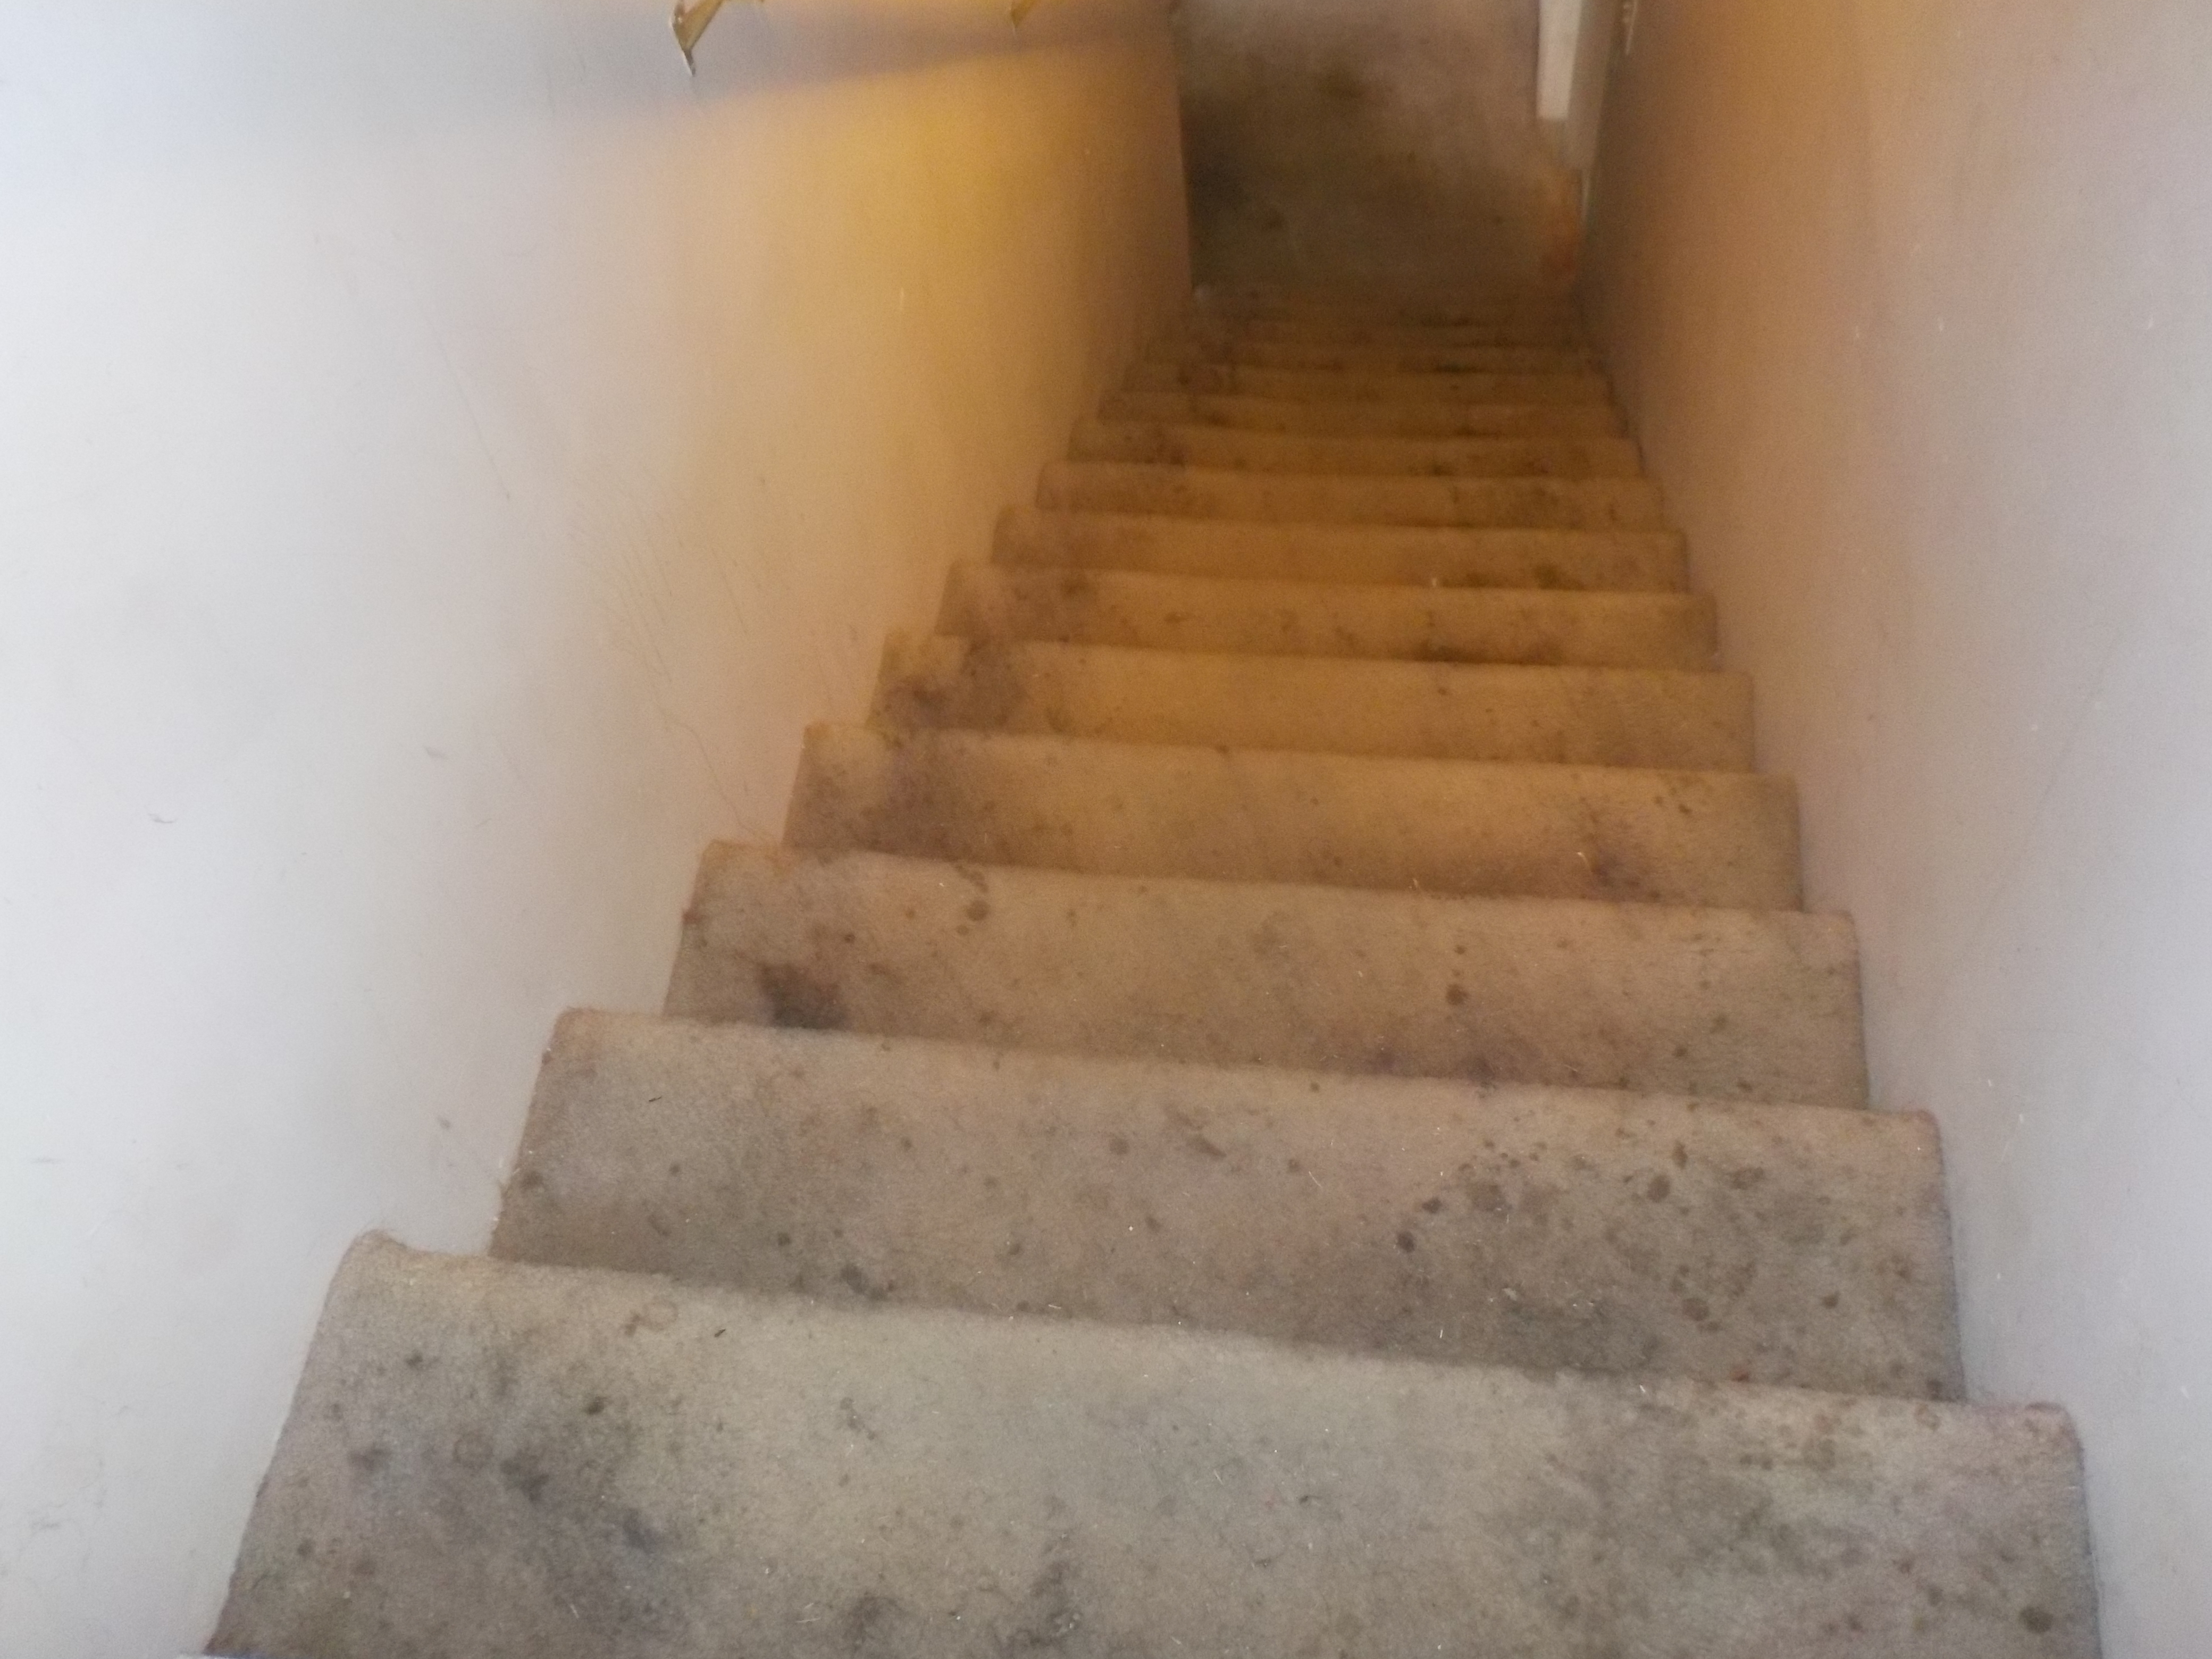 Pinson Stairwell needs rails